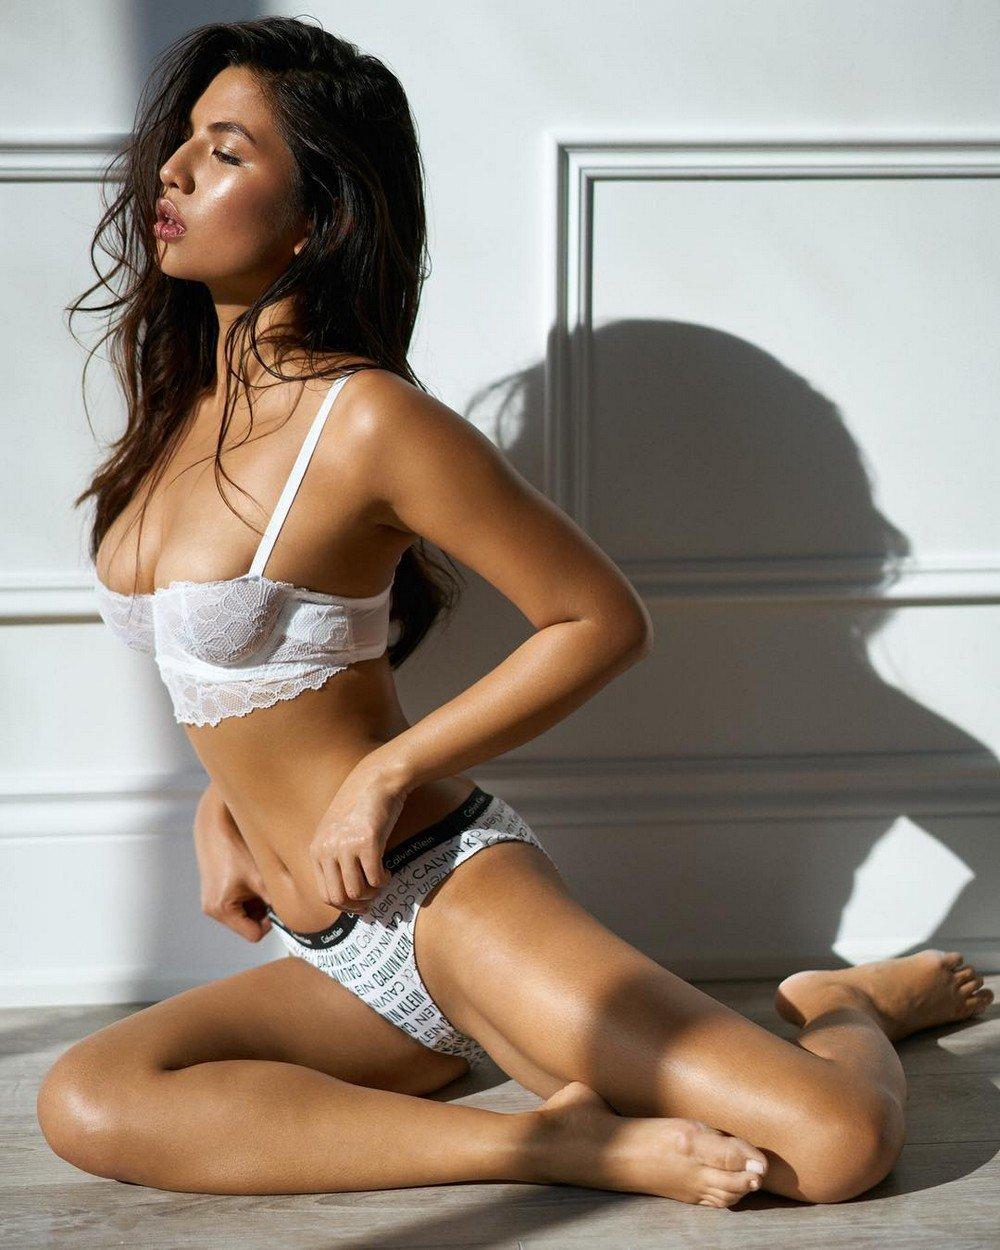 Анал картинки красивых девушек полуголых массаж